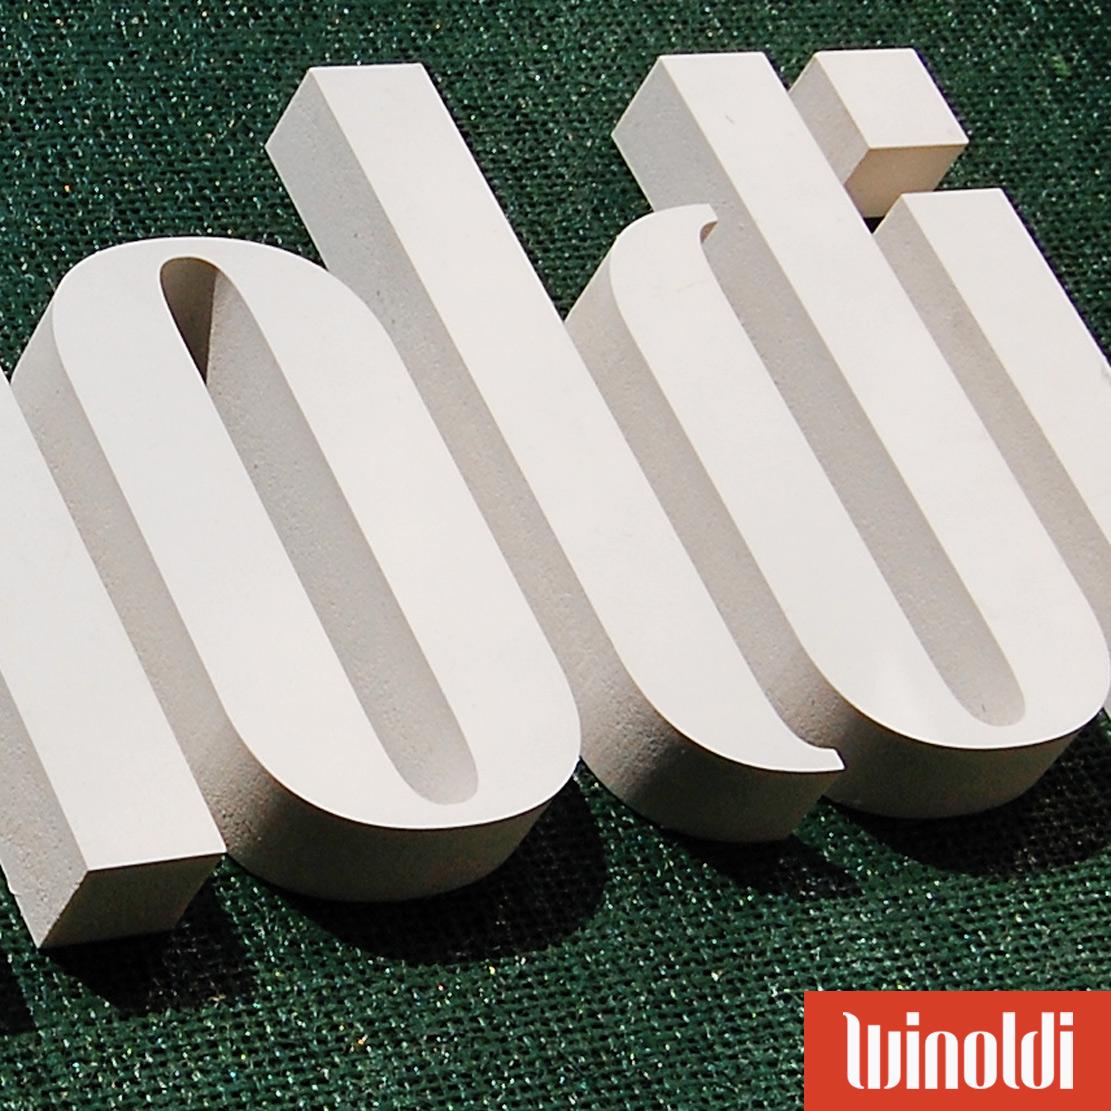 winoldi logo, designstudio